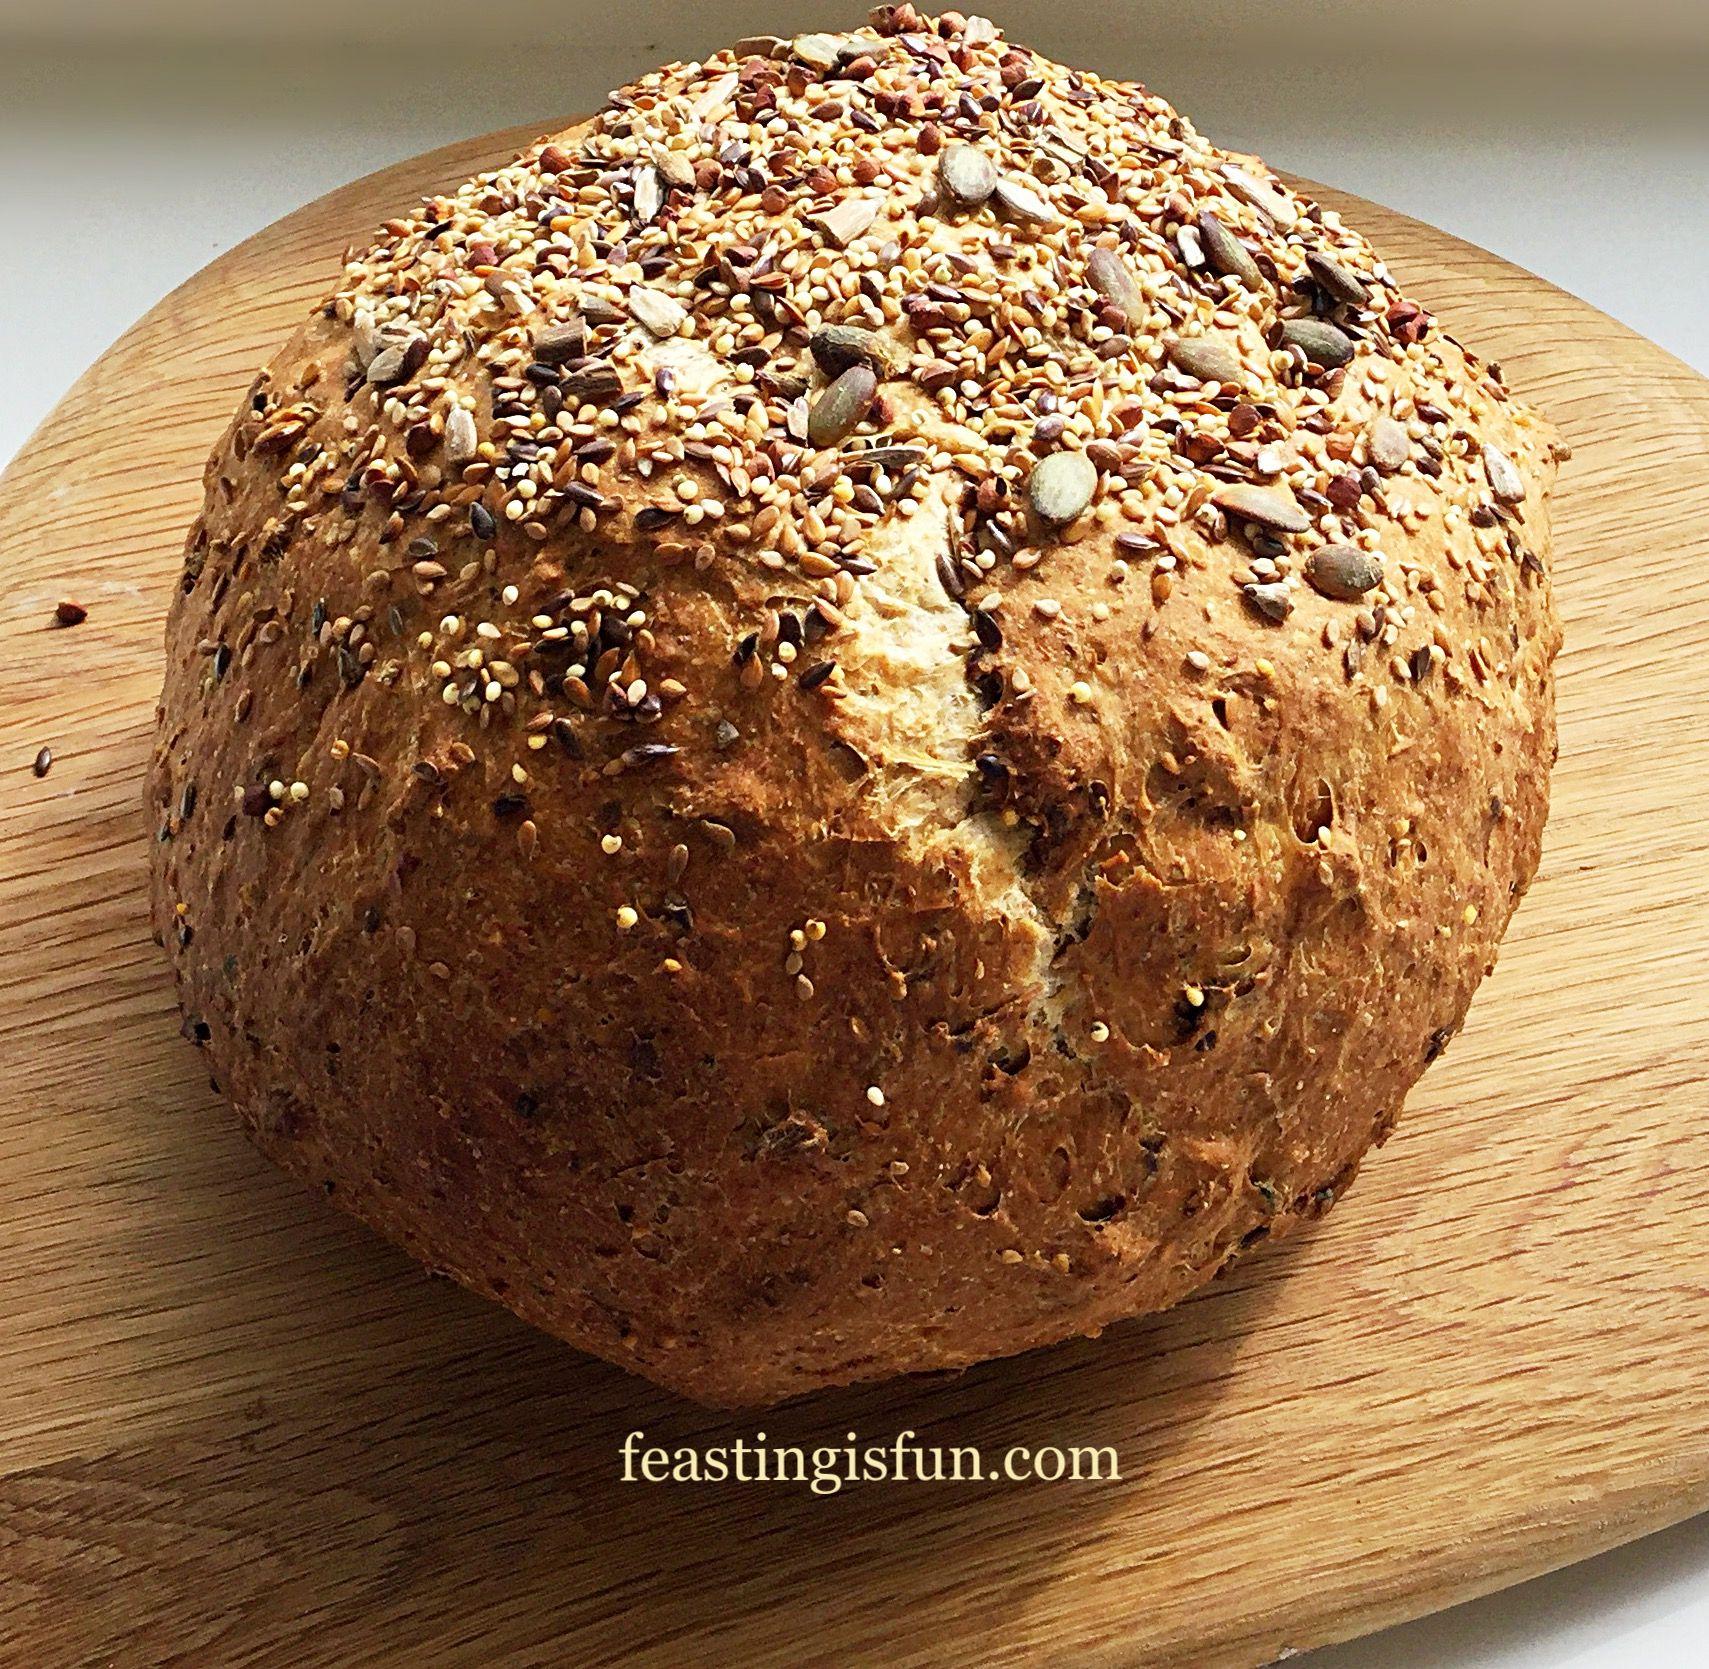 Seeded Cob Loaf - Feasting Is Fun